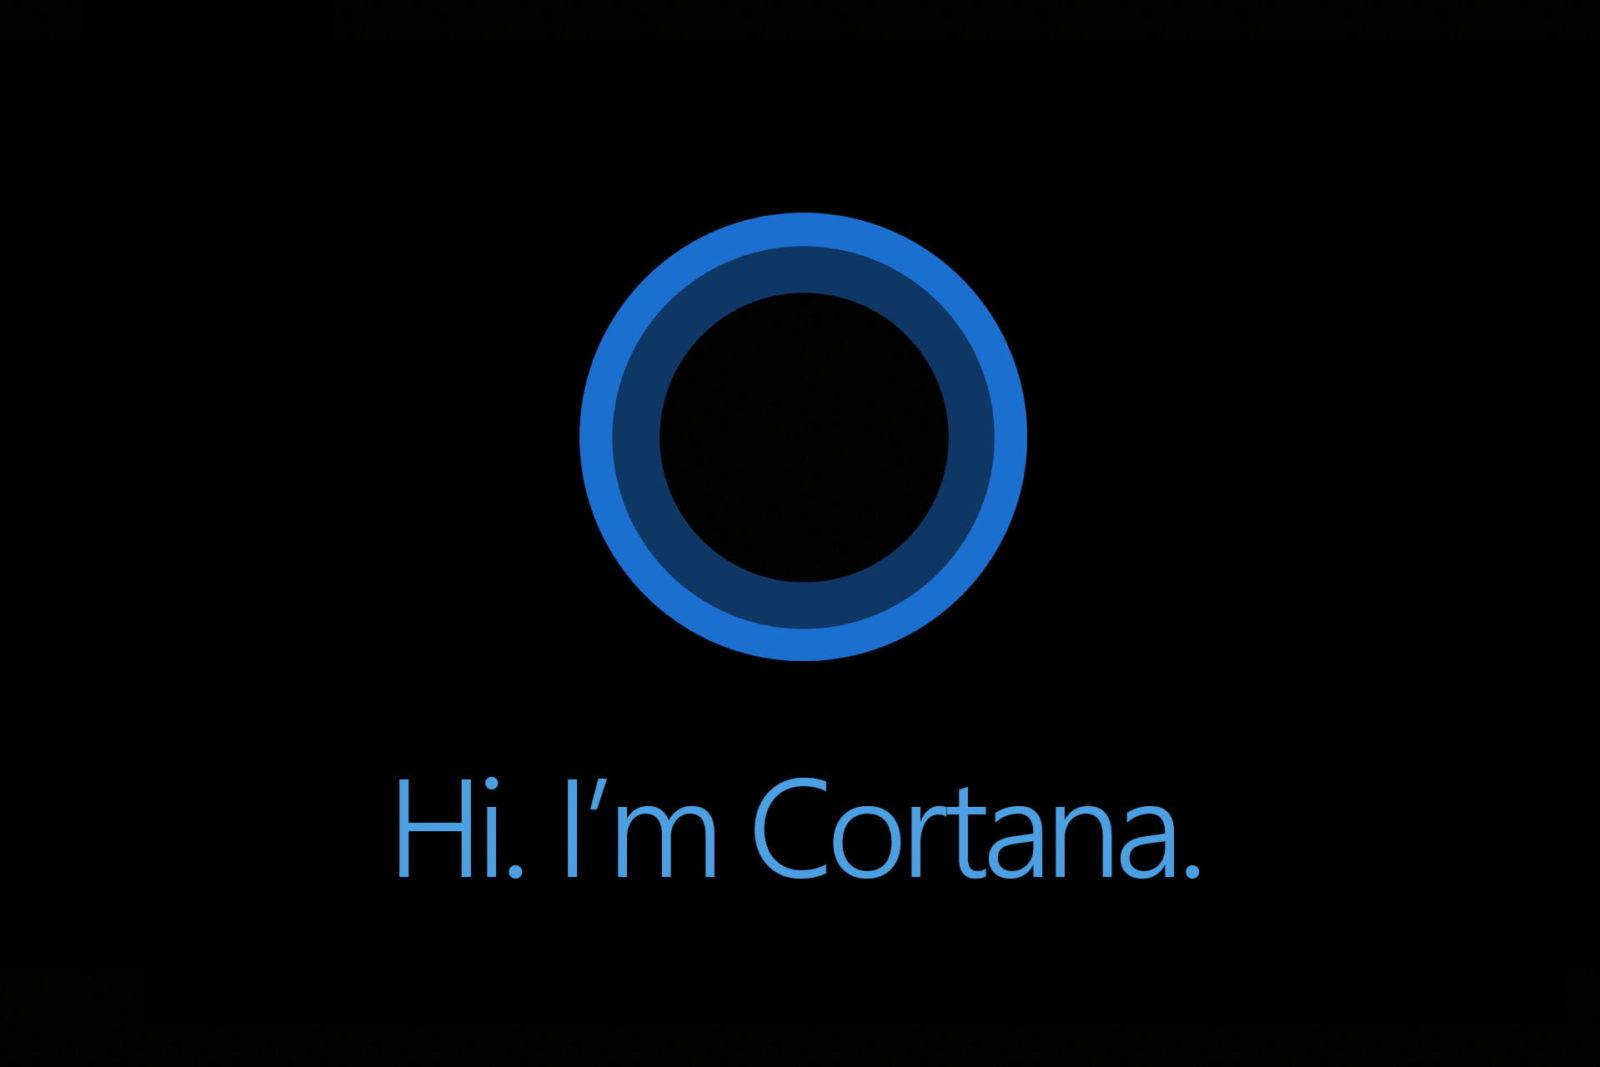 مساعد كورتانا الشخصي - مايكروسوفت